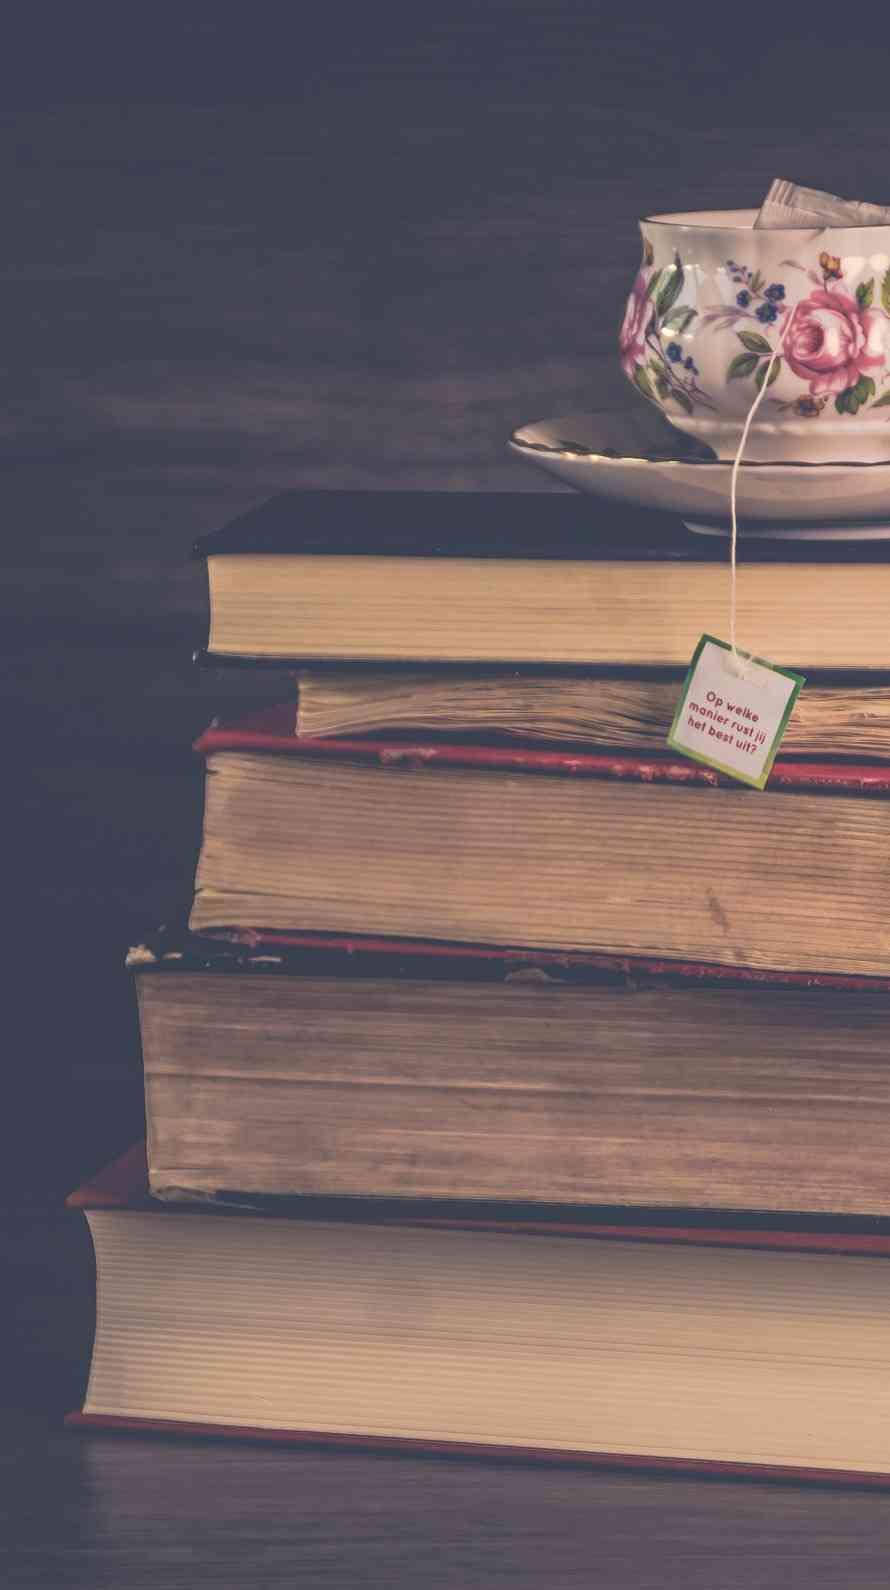 読んで良かった小説を教えて下さい。